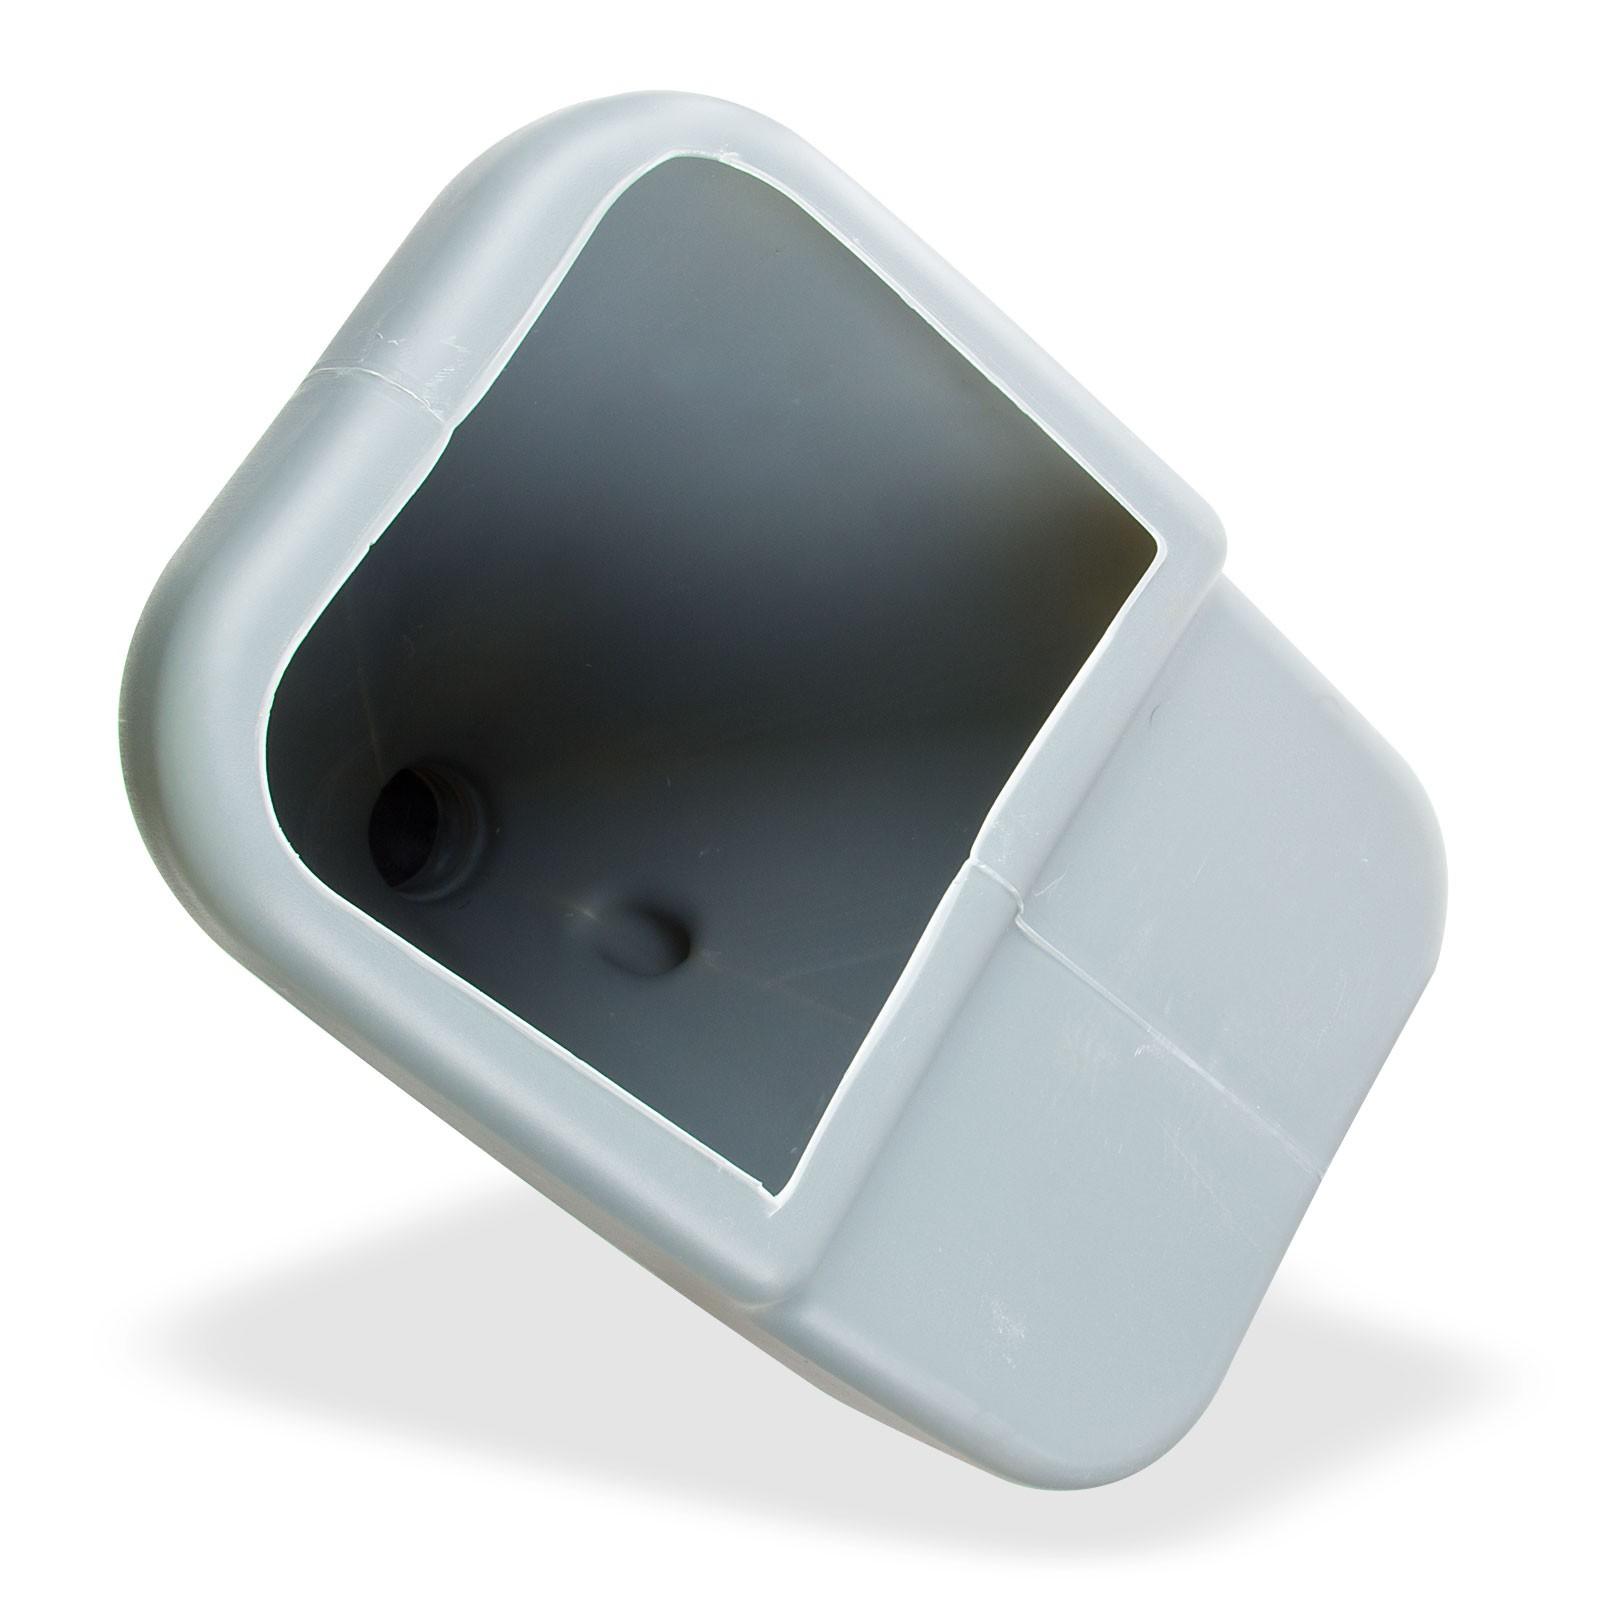 druckluft wei elspritze dws 7500 f r kalkfarbe fassadenfarbe feinputz rauhfaser ebay. Black Bedroom Furniture Sets. Home Design Ideas